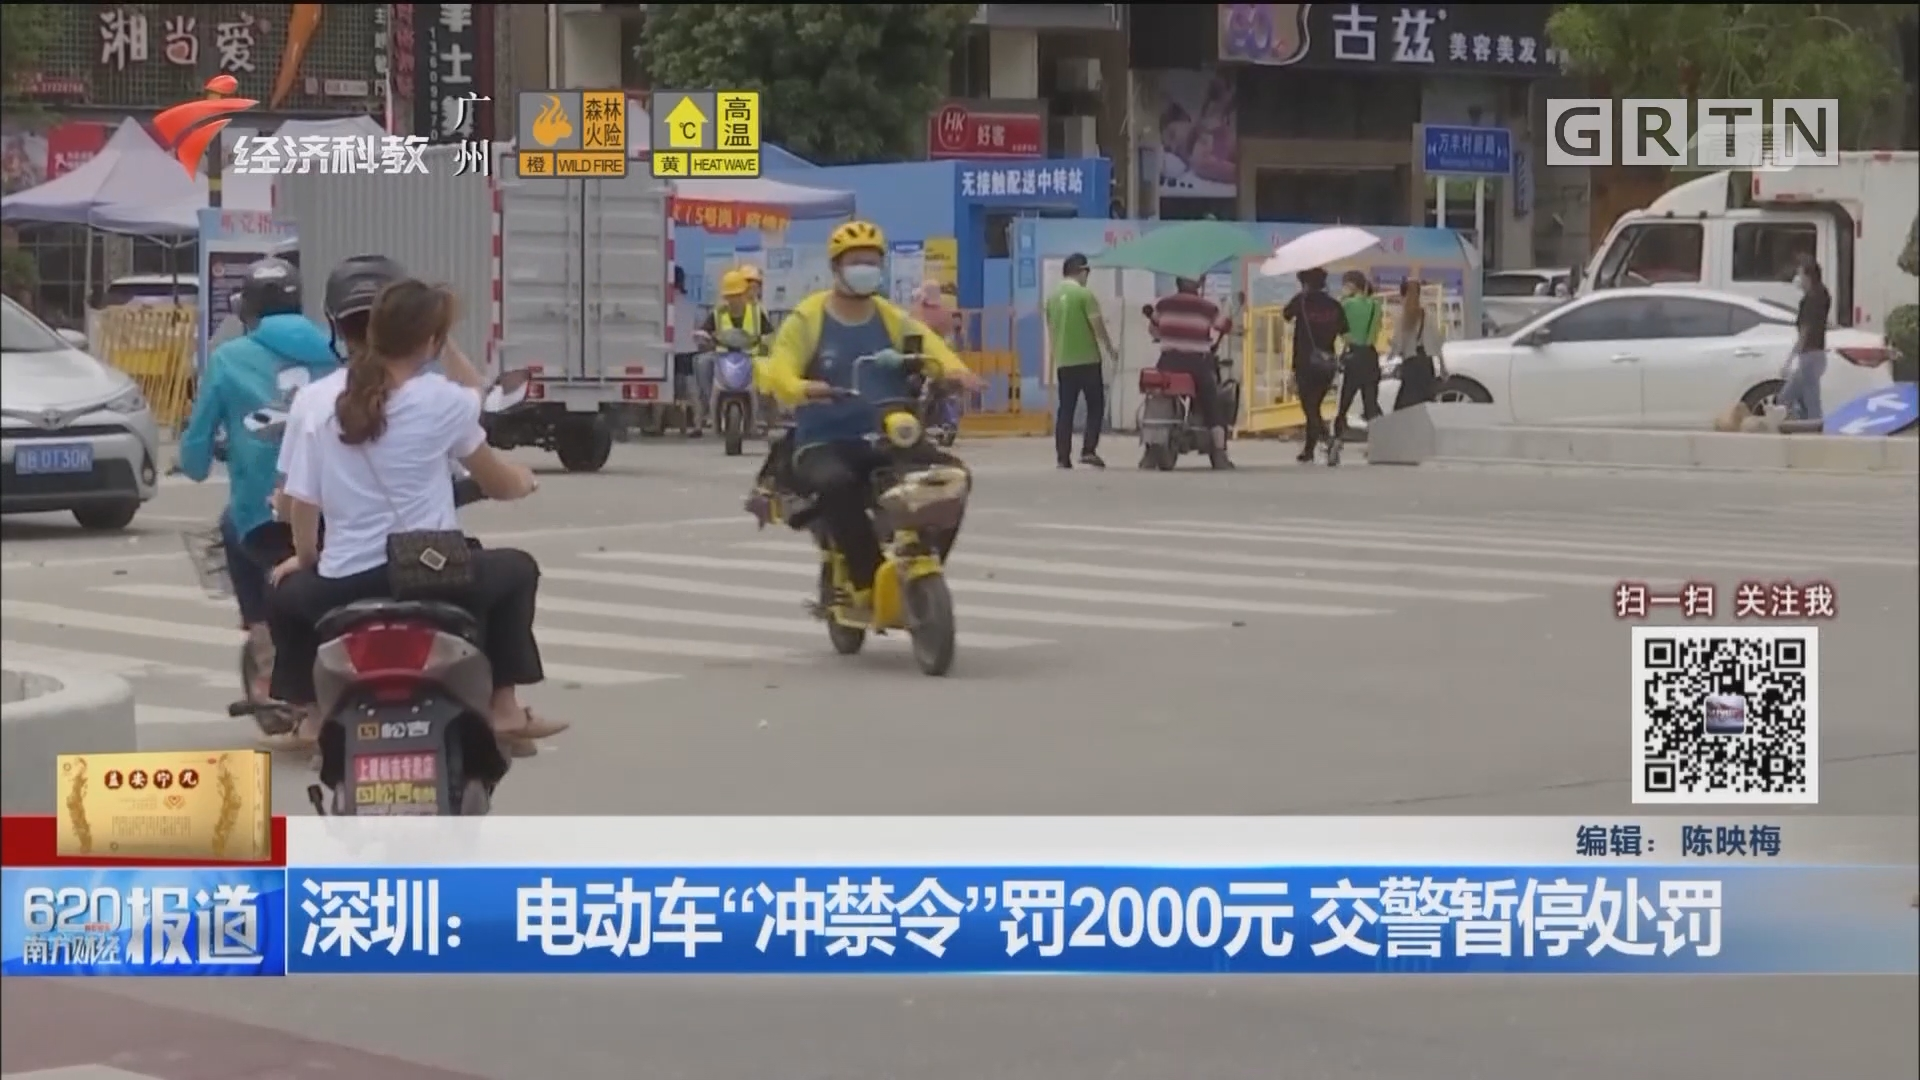 """深圳:電動車""""沖禁令""""罰2000元 交警暫停處罰"""